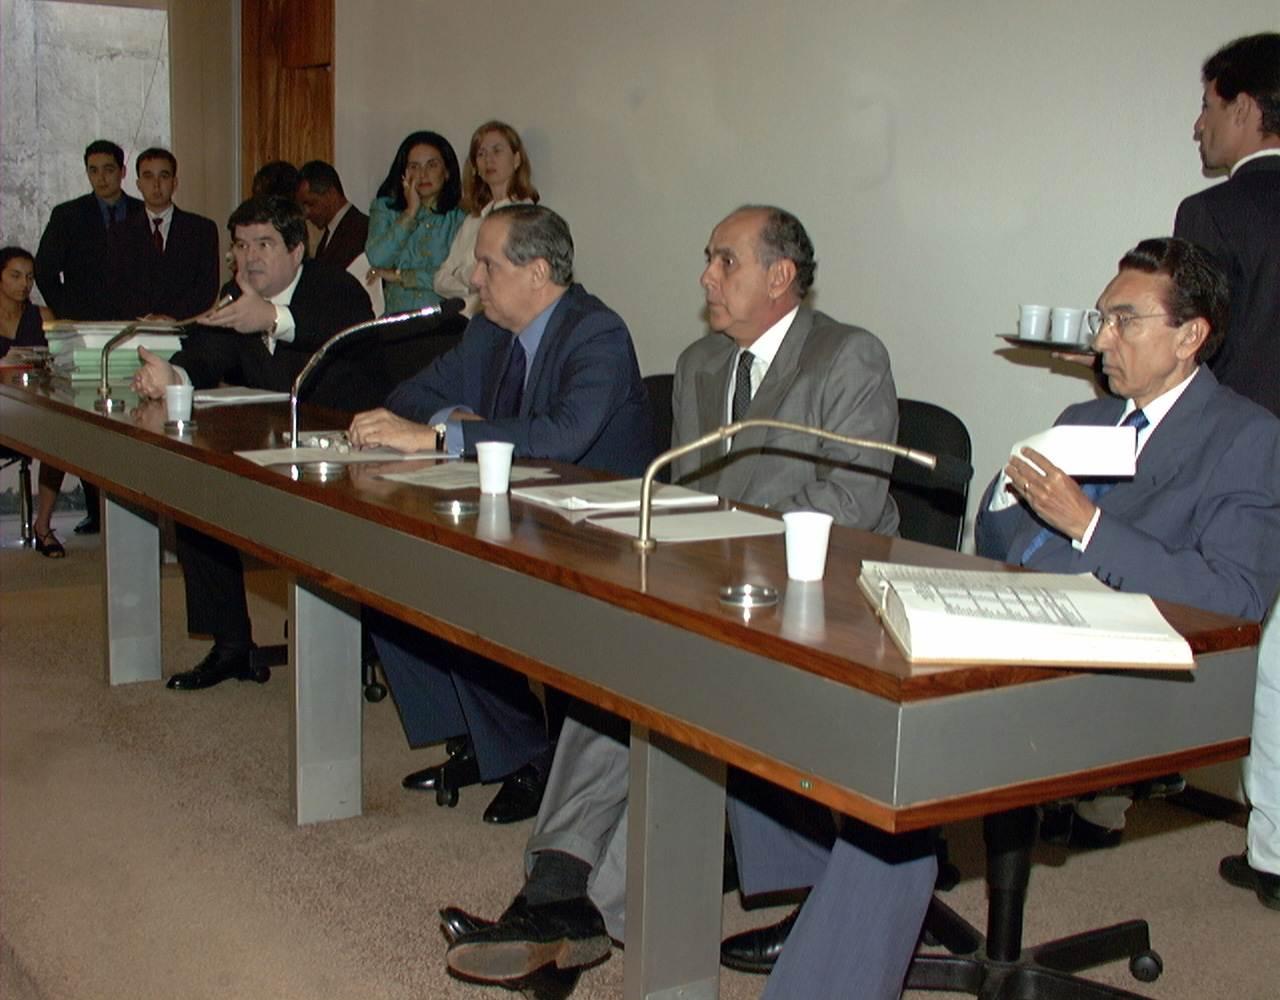 Senadores Sérgio Machado, Pedro Piva, Mauro Miranda e Edson Lobão na Comissão de Assuntos Econômic (CAE)   Foto: Reprodução